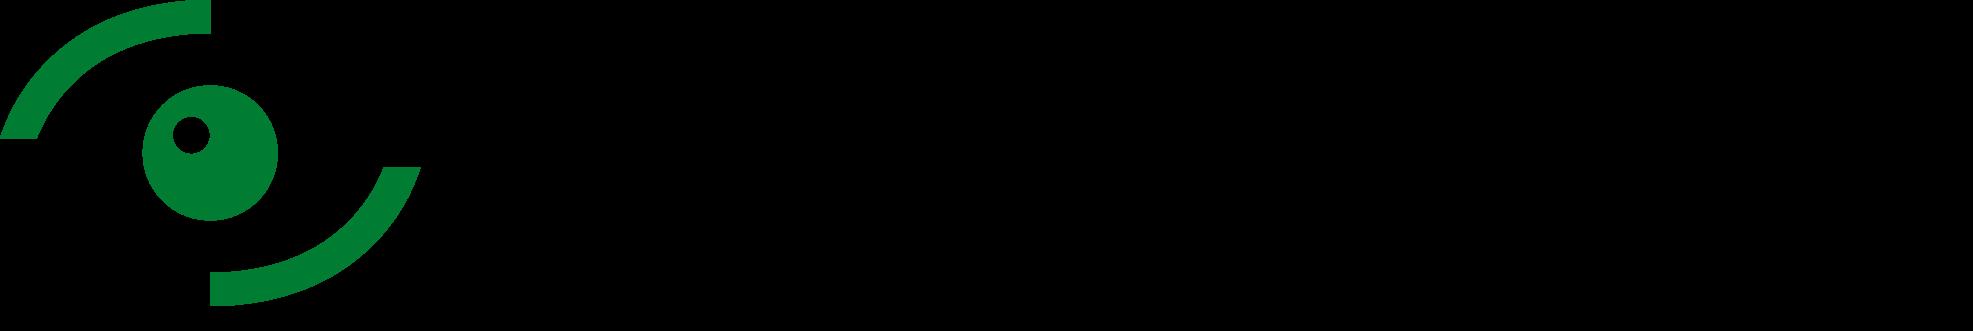 Компания InfoWatch ИнфоВотч– партнер ООО «Агентство информационной безопасности» ООО «АИнБ»